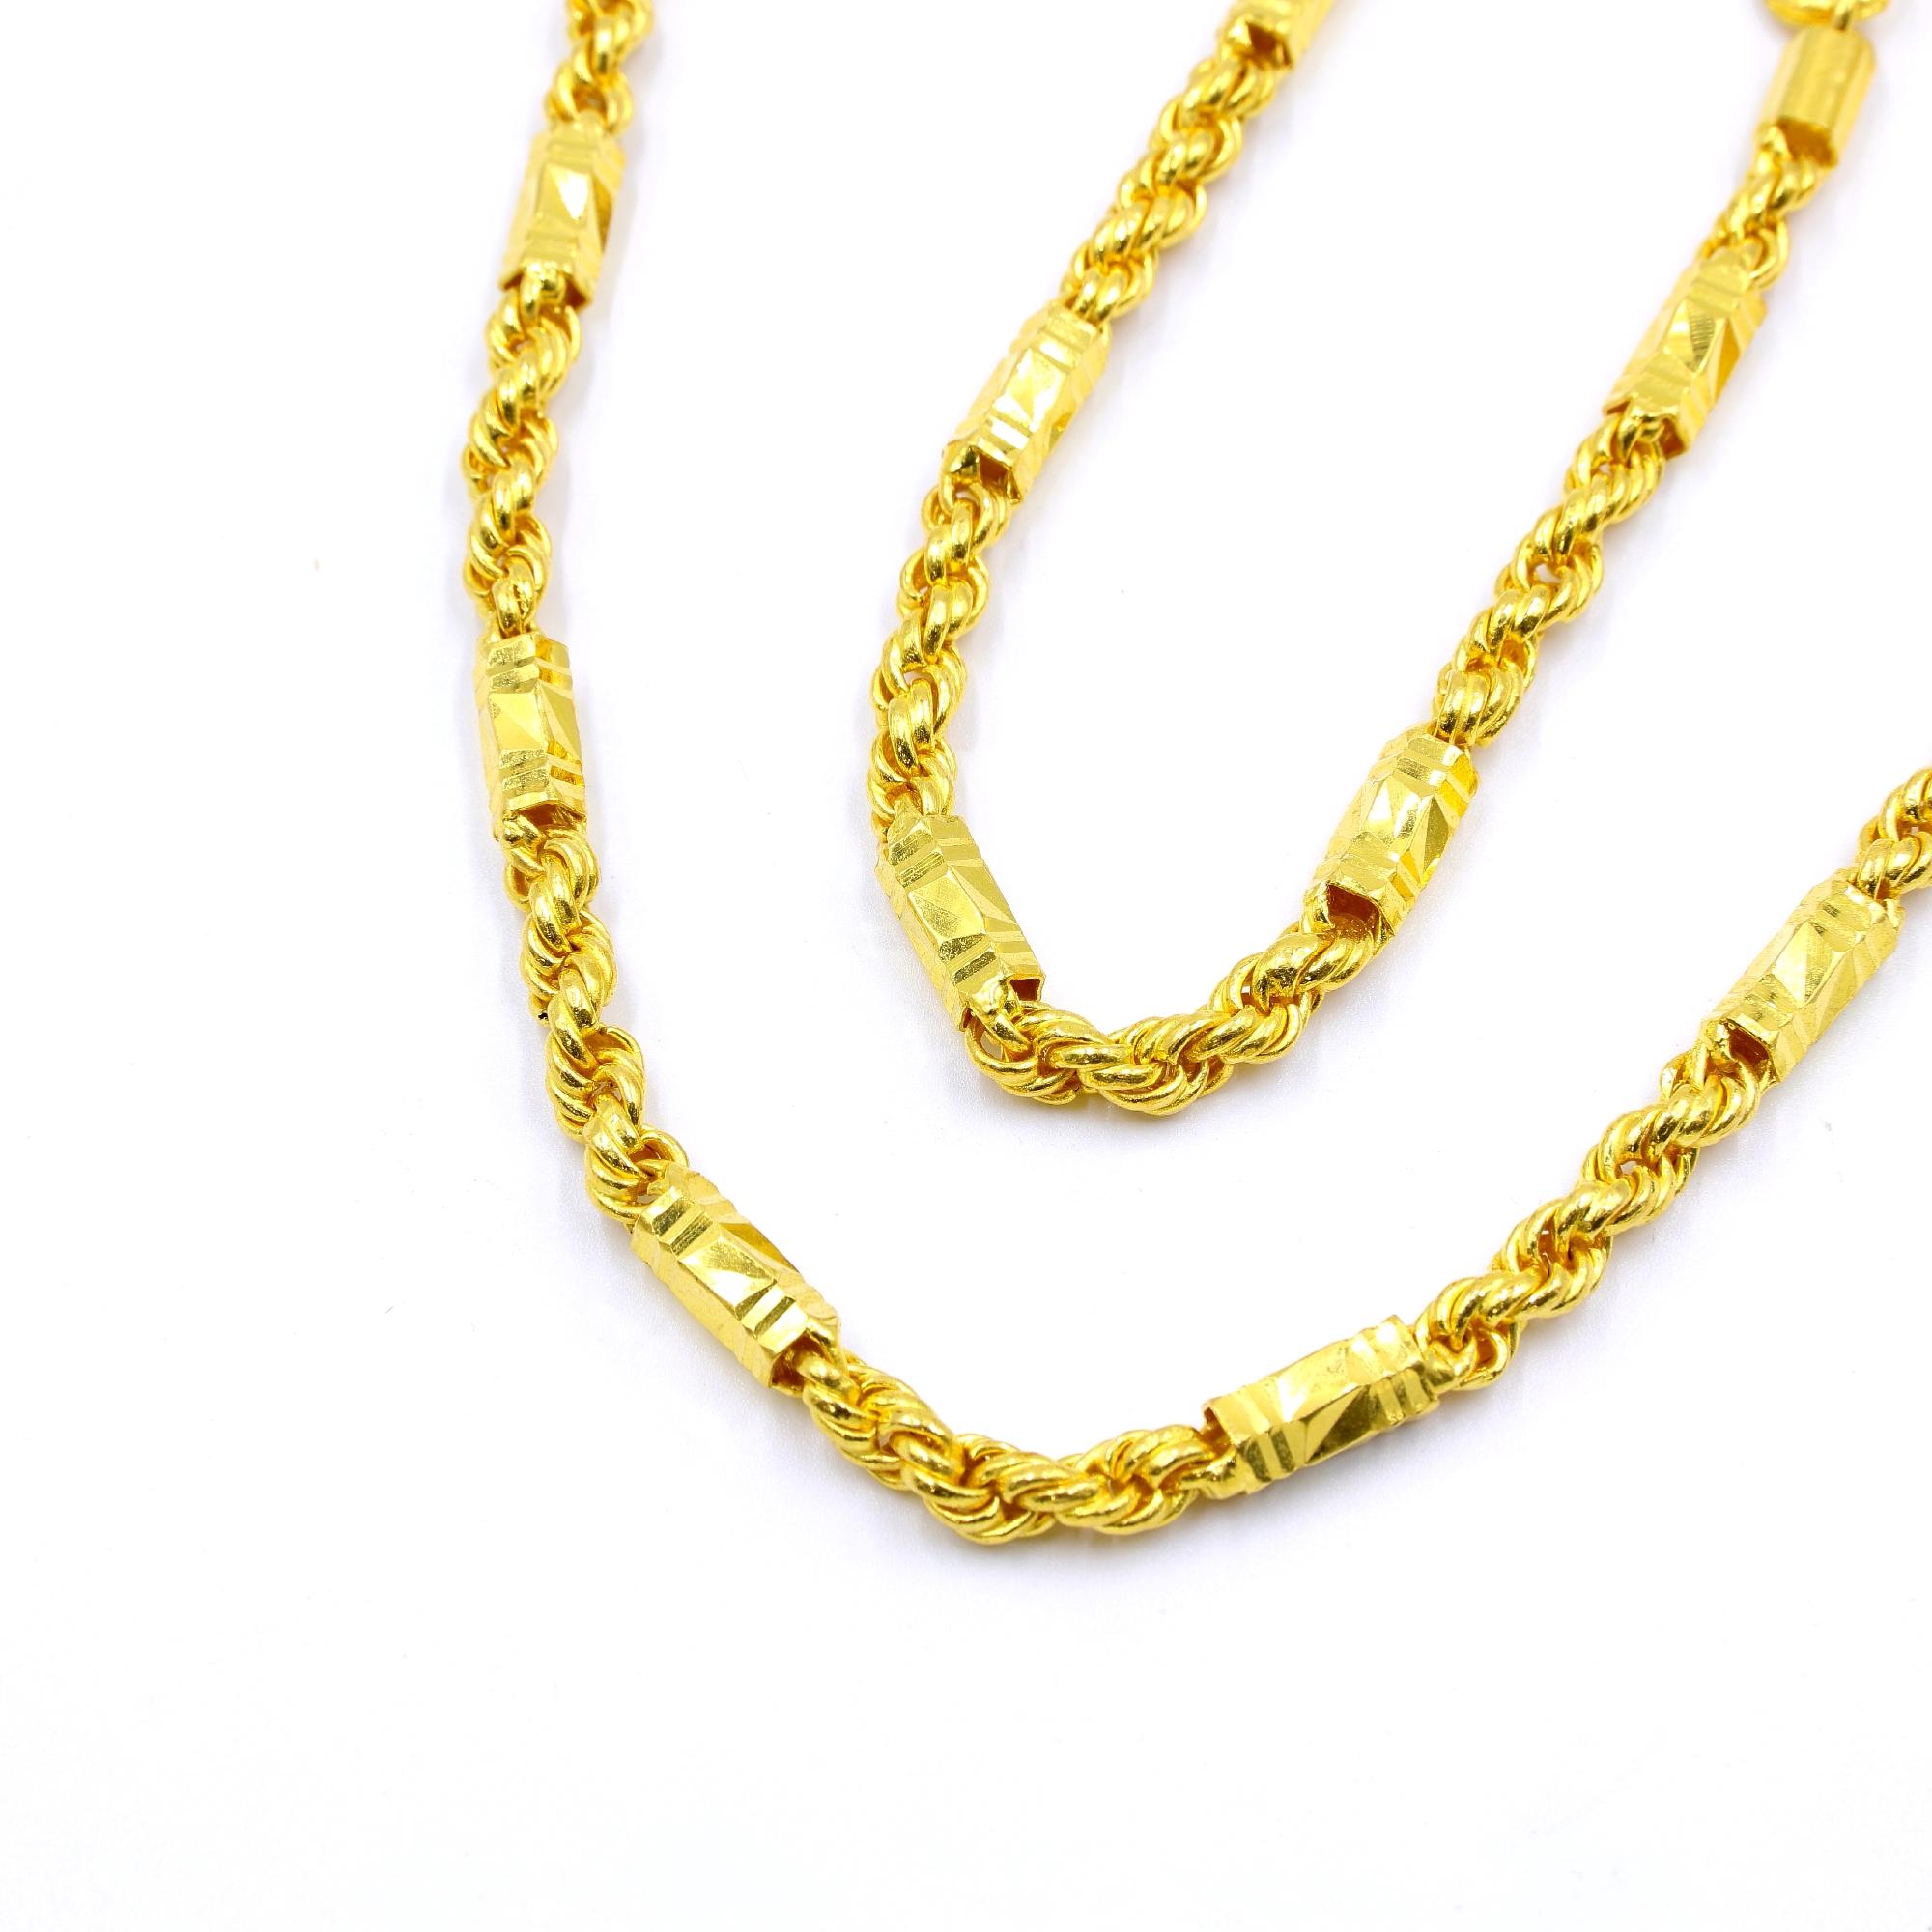 金玉光珠寶銀樓 - 臺中,銀樓,黃金,鑽石